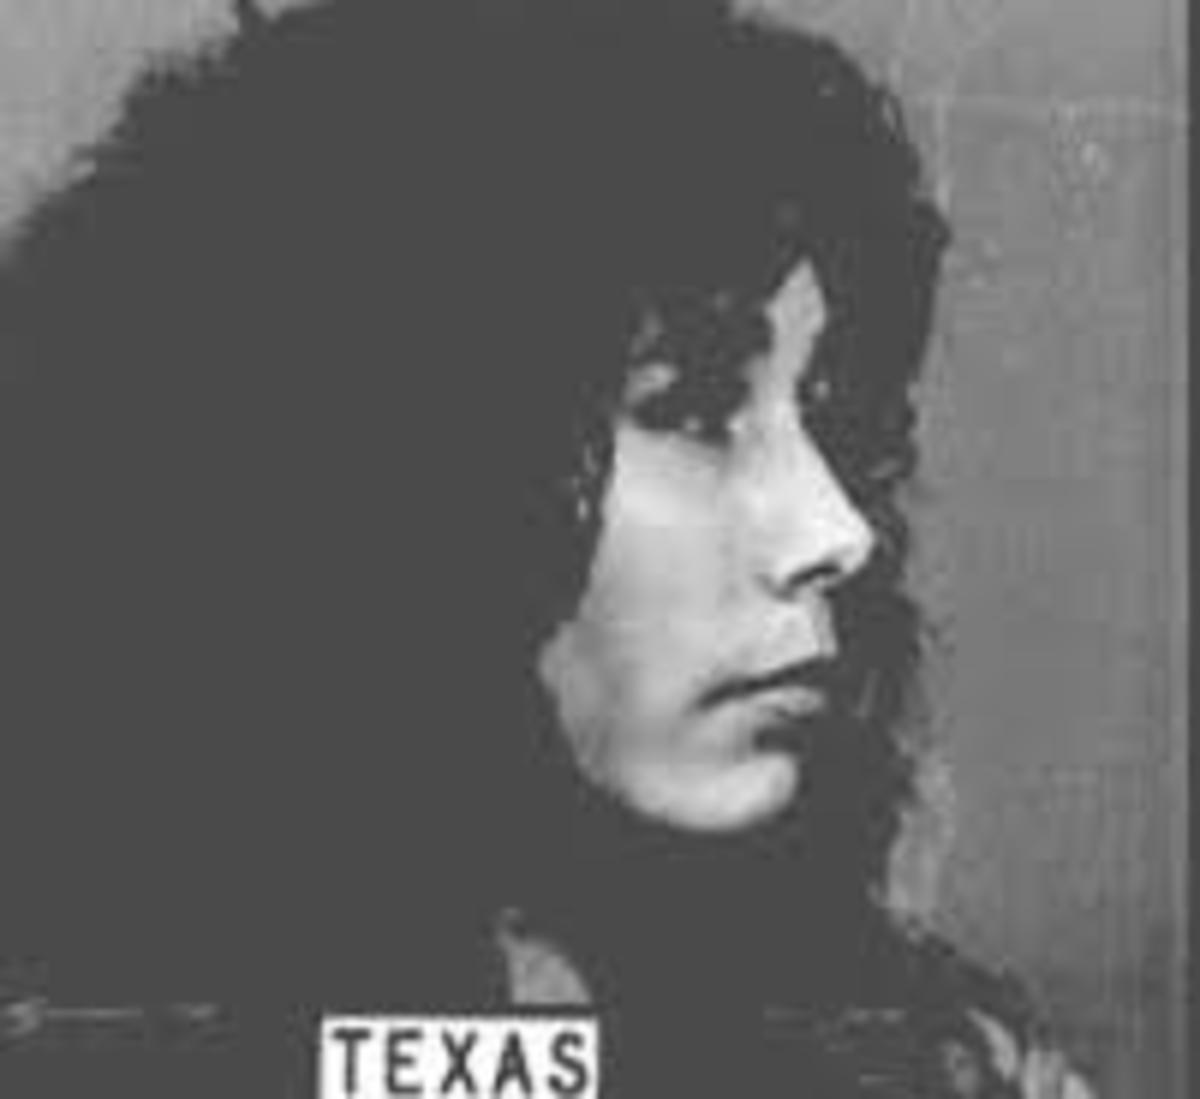 The Death Penalty ||  Karla Faye Tucker